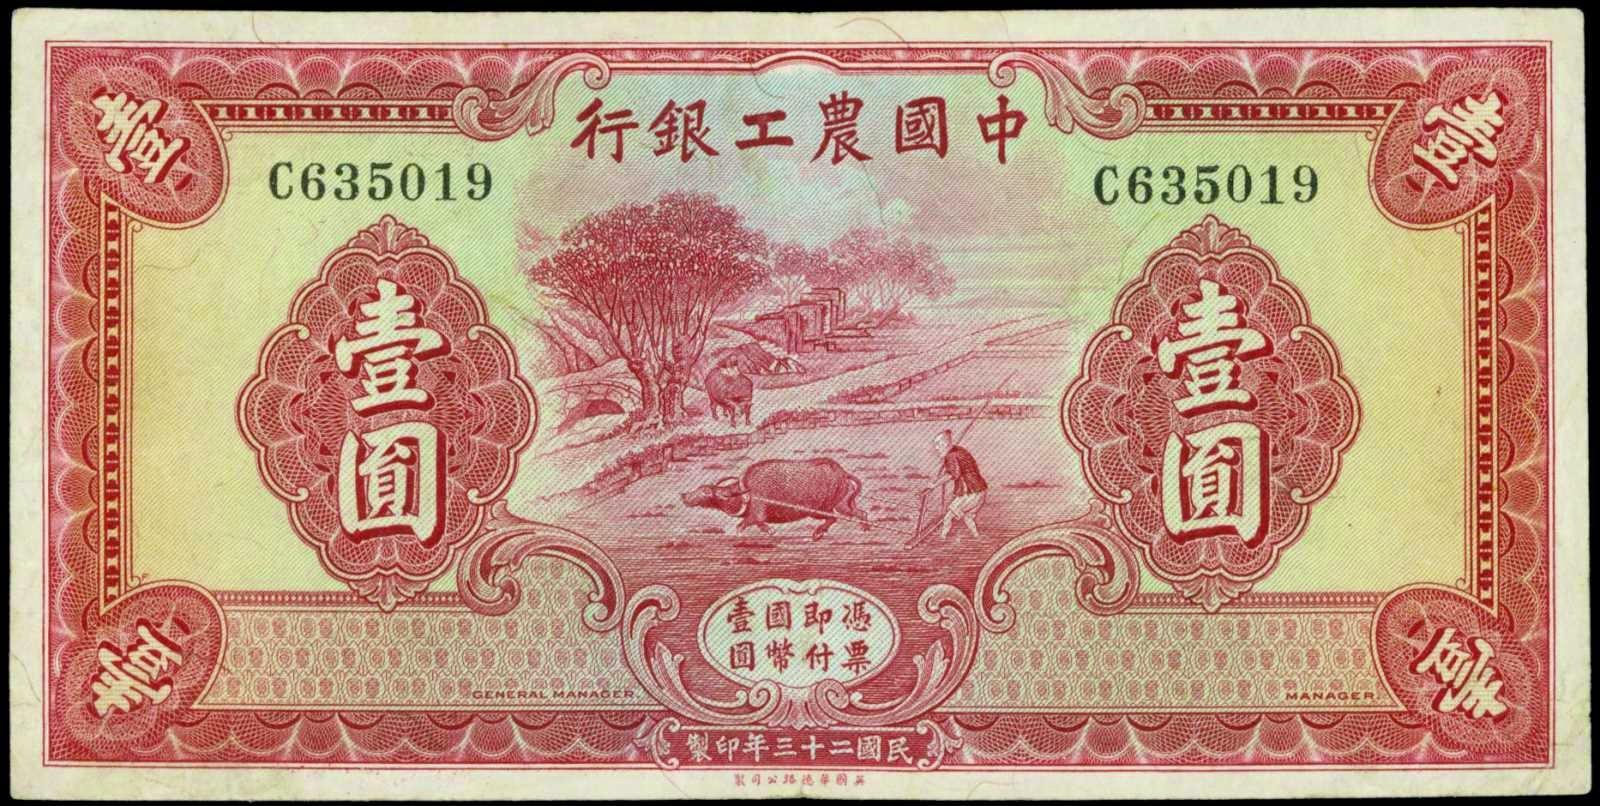 China banknotes 1 Yuan Agricultural & Industrial Bank of China